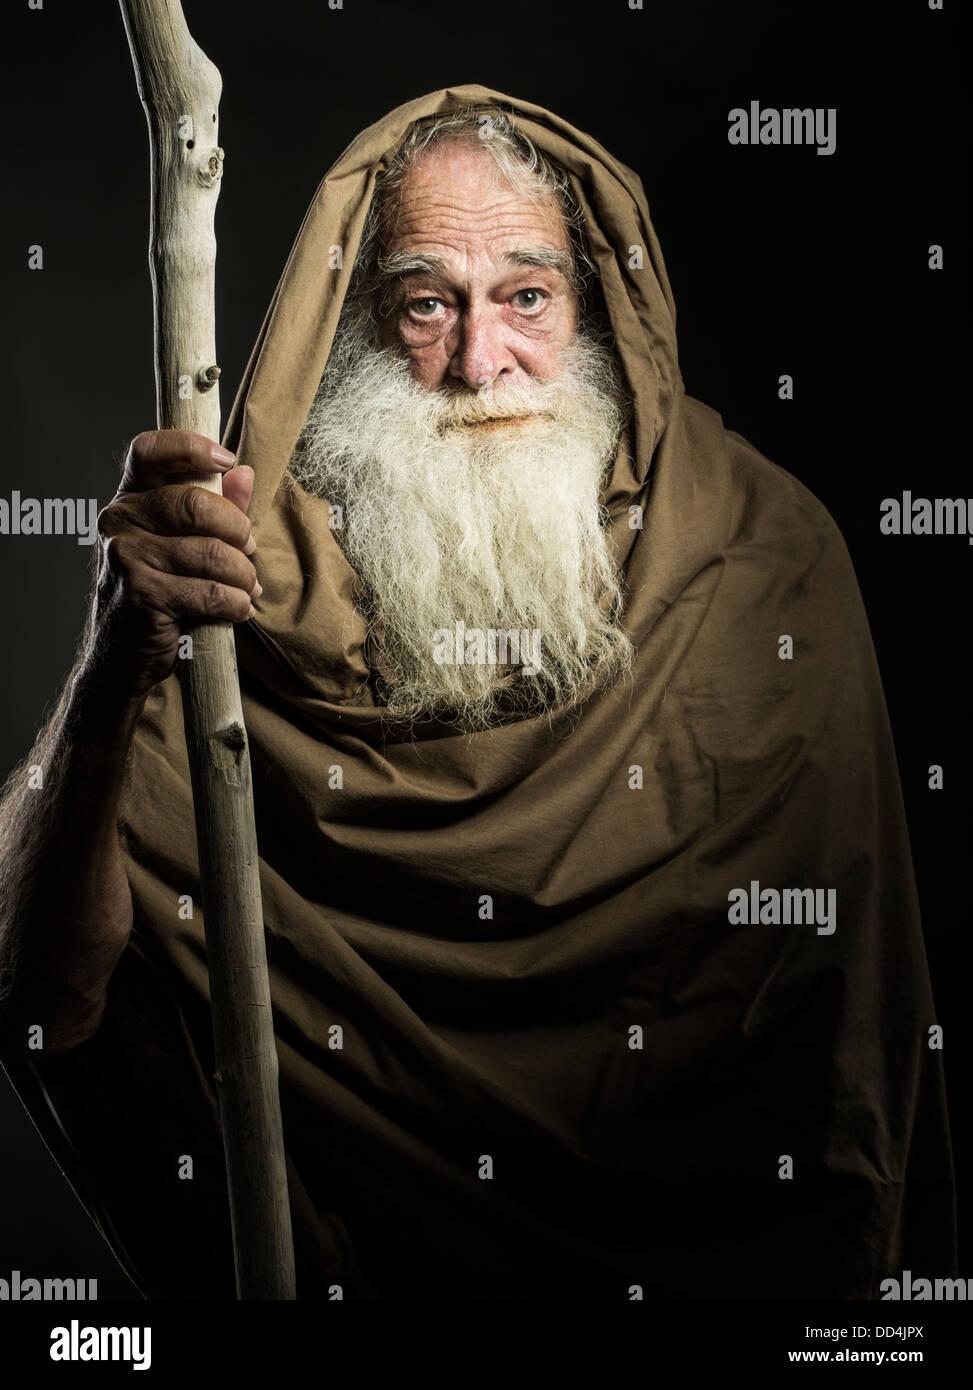 Hombre viejo con barba blanca y manto de personal parece asistente / Gandalf / Moisés / Dumbledore Foto de stock